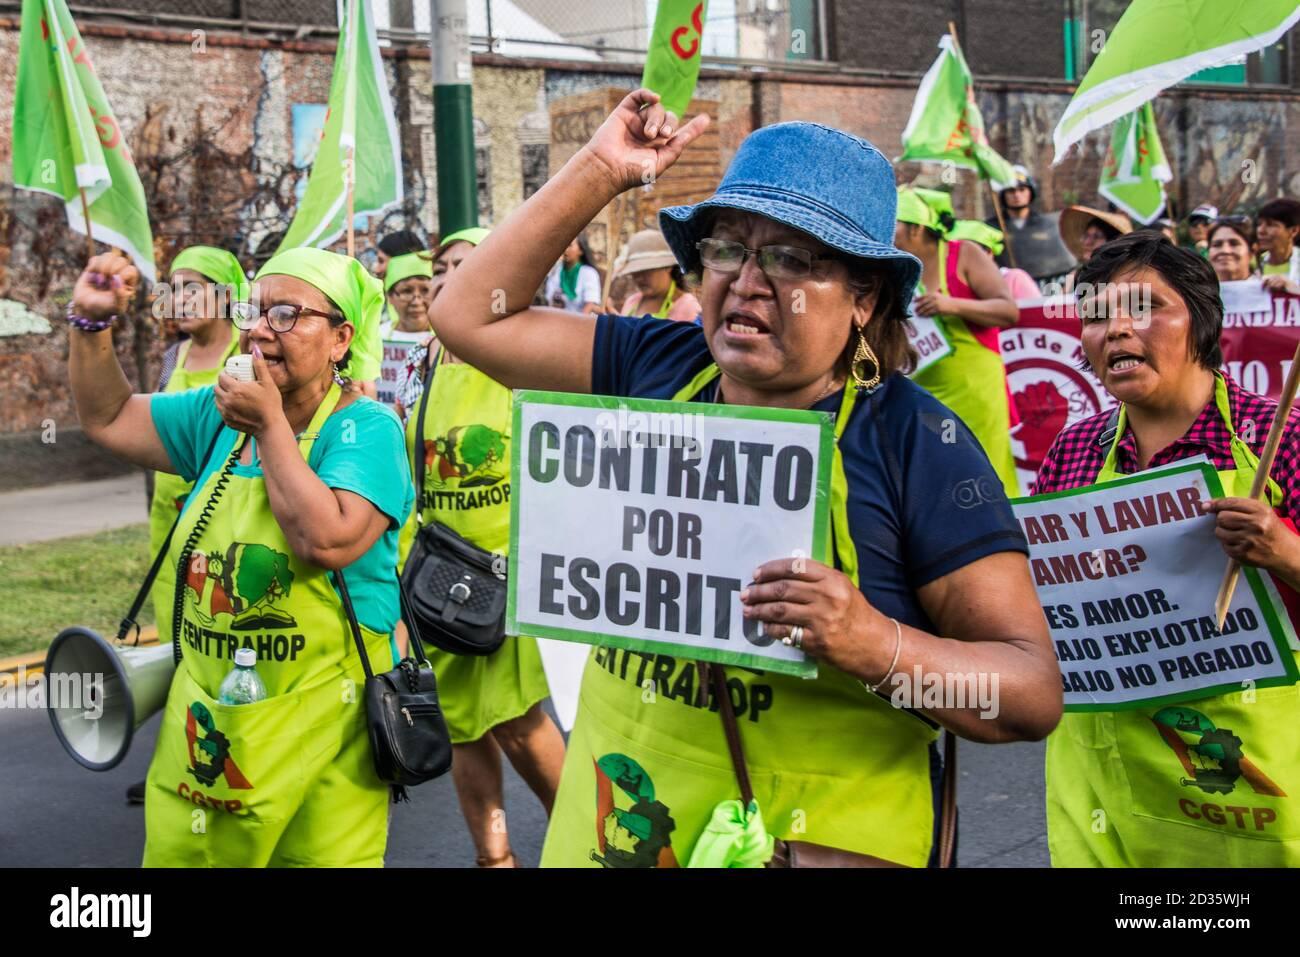 Trabajadoras protestando por la falta de derechos laborales, exigiendo contratos escritos durante la marcha del día Internacional de la Mujer 2020, Lima, Perú Foto de stock